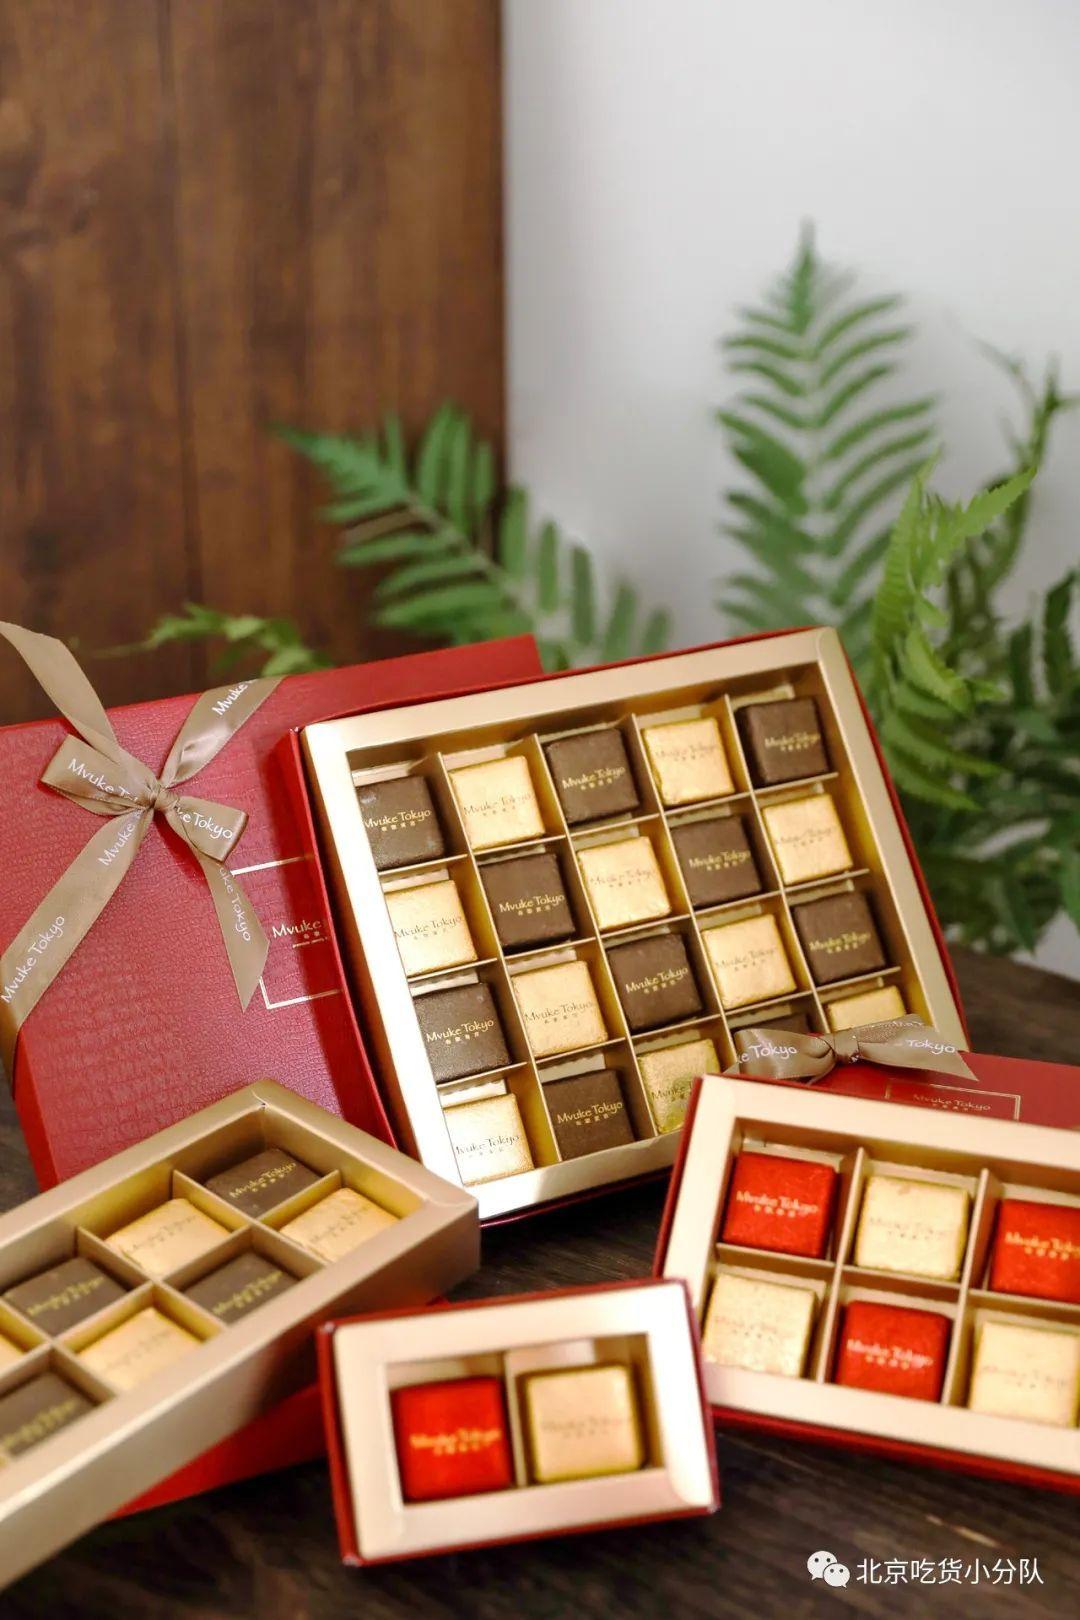 """网红鼻祖""""布歌东京""""首次推出榛子夹心巧克力礼盒,寓意真爱"""